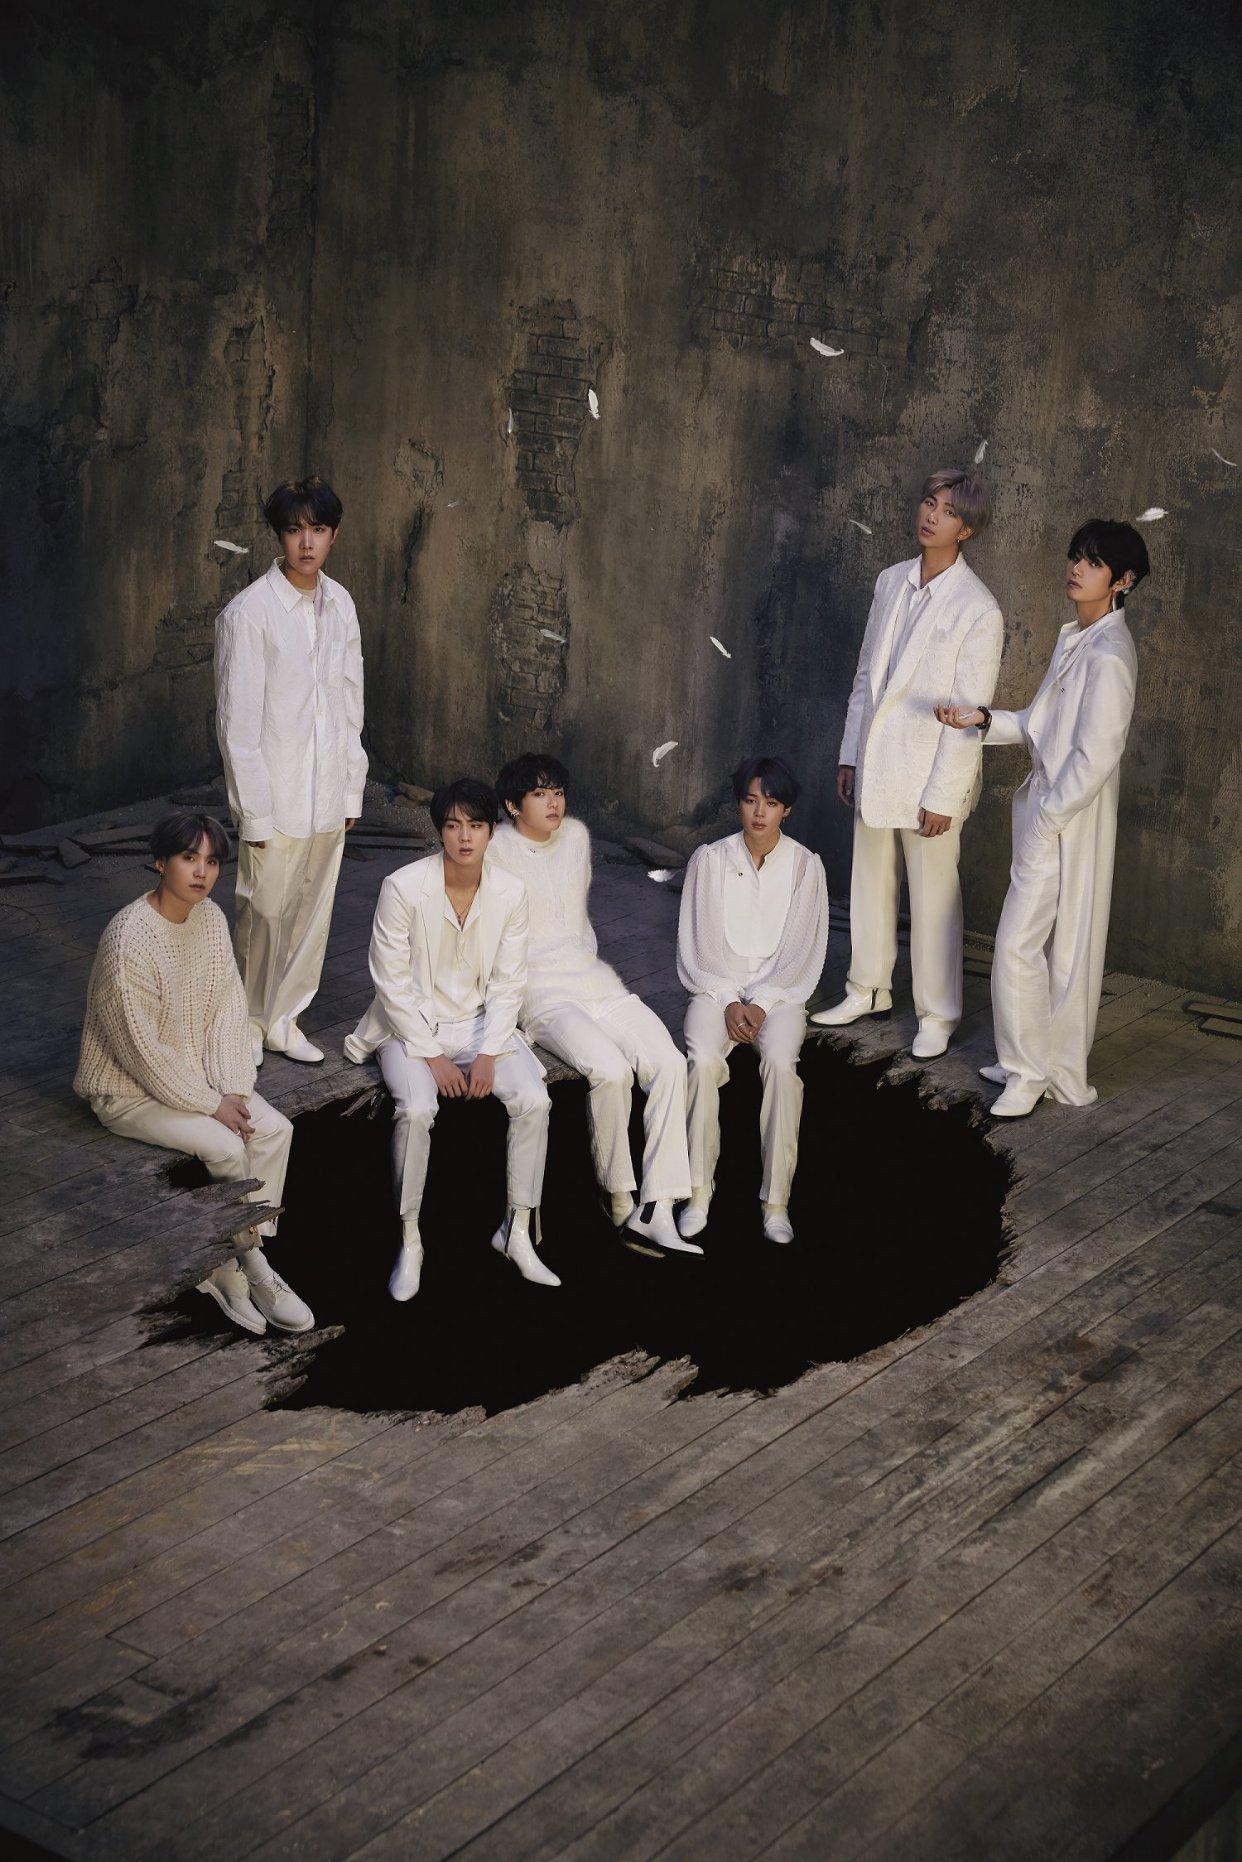 你最喜欢韩国的哪个组合呢?